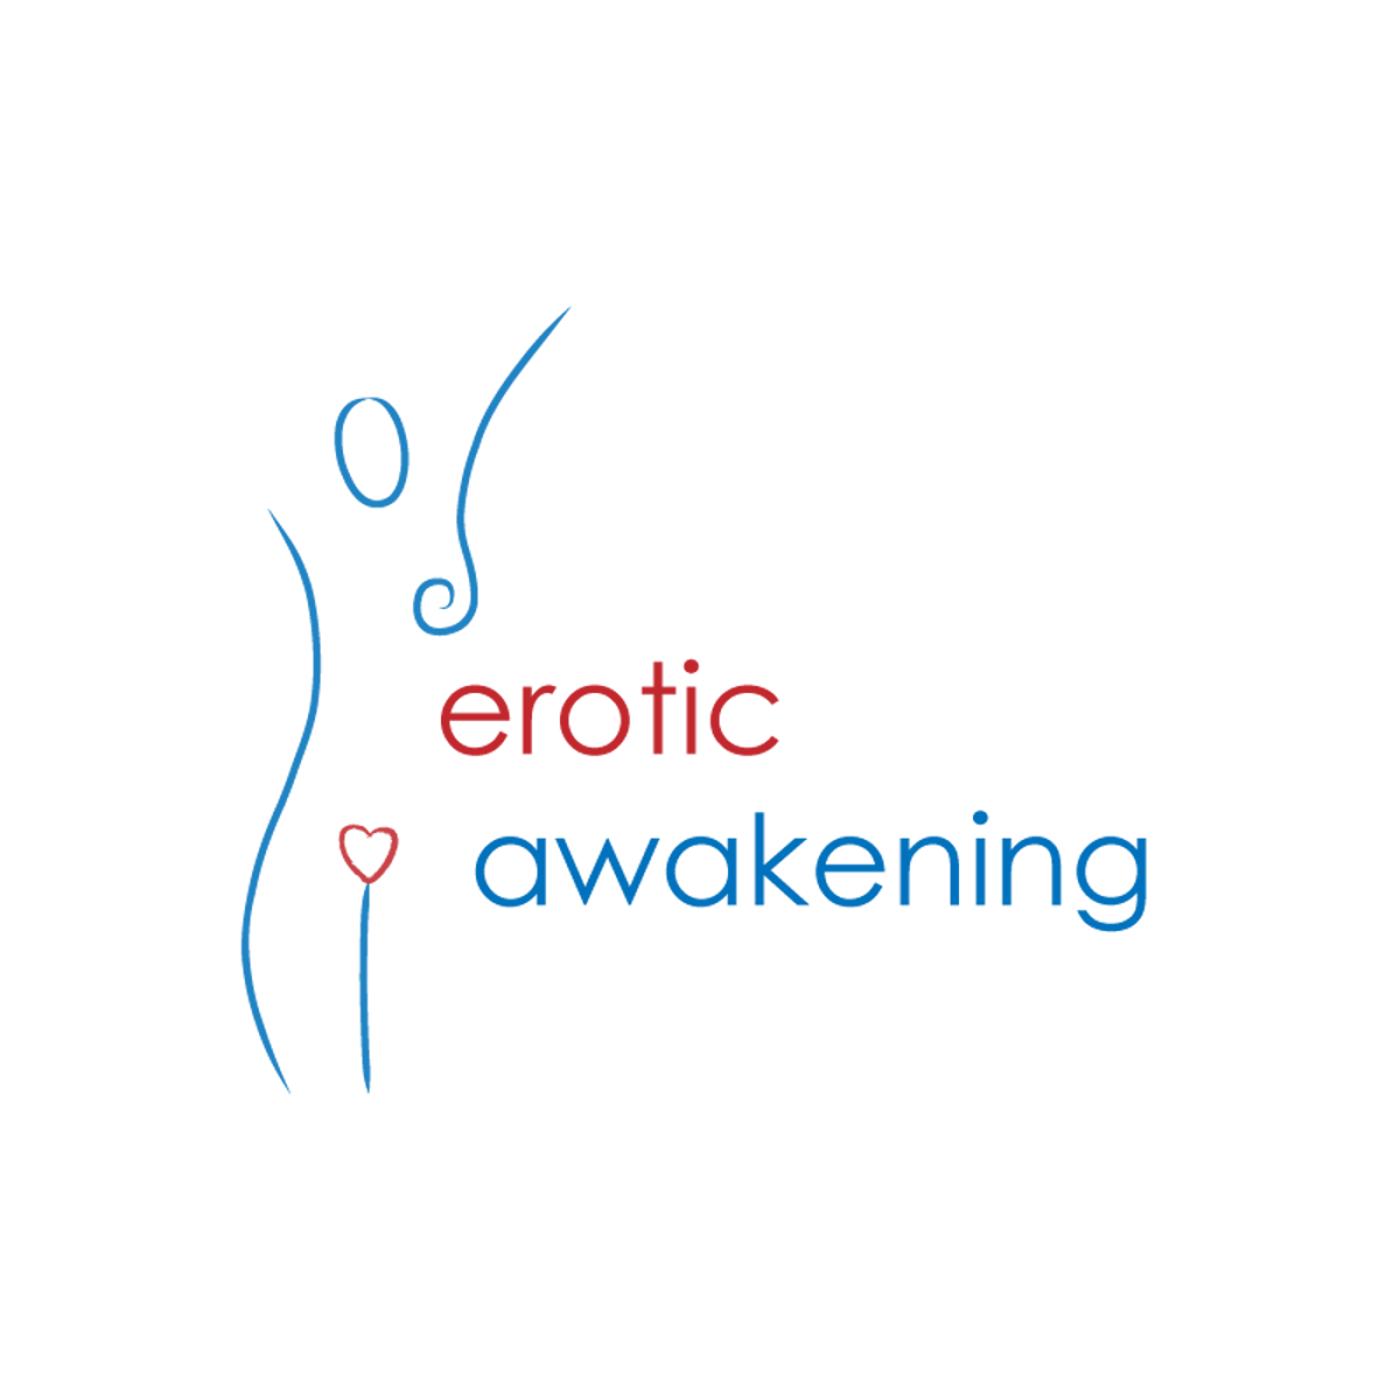 Erotic Awakening Podcast - EA452 - Erotic Humiliation and Polyamory Mantra